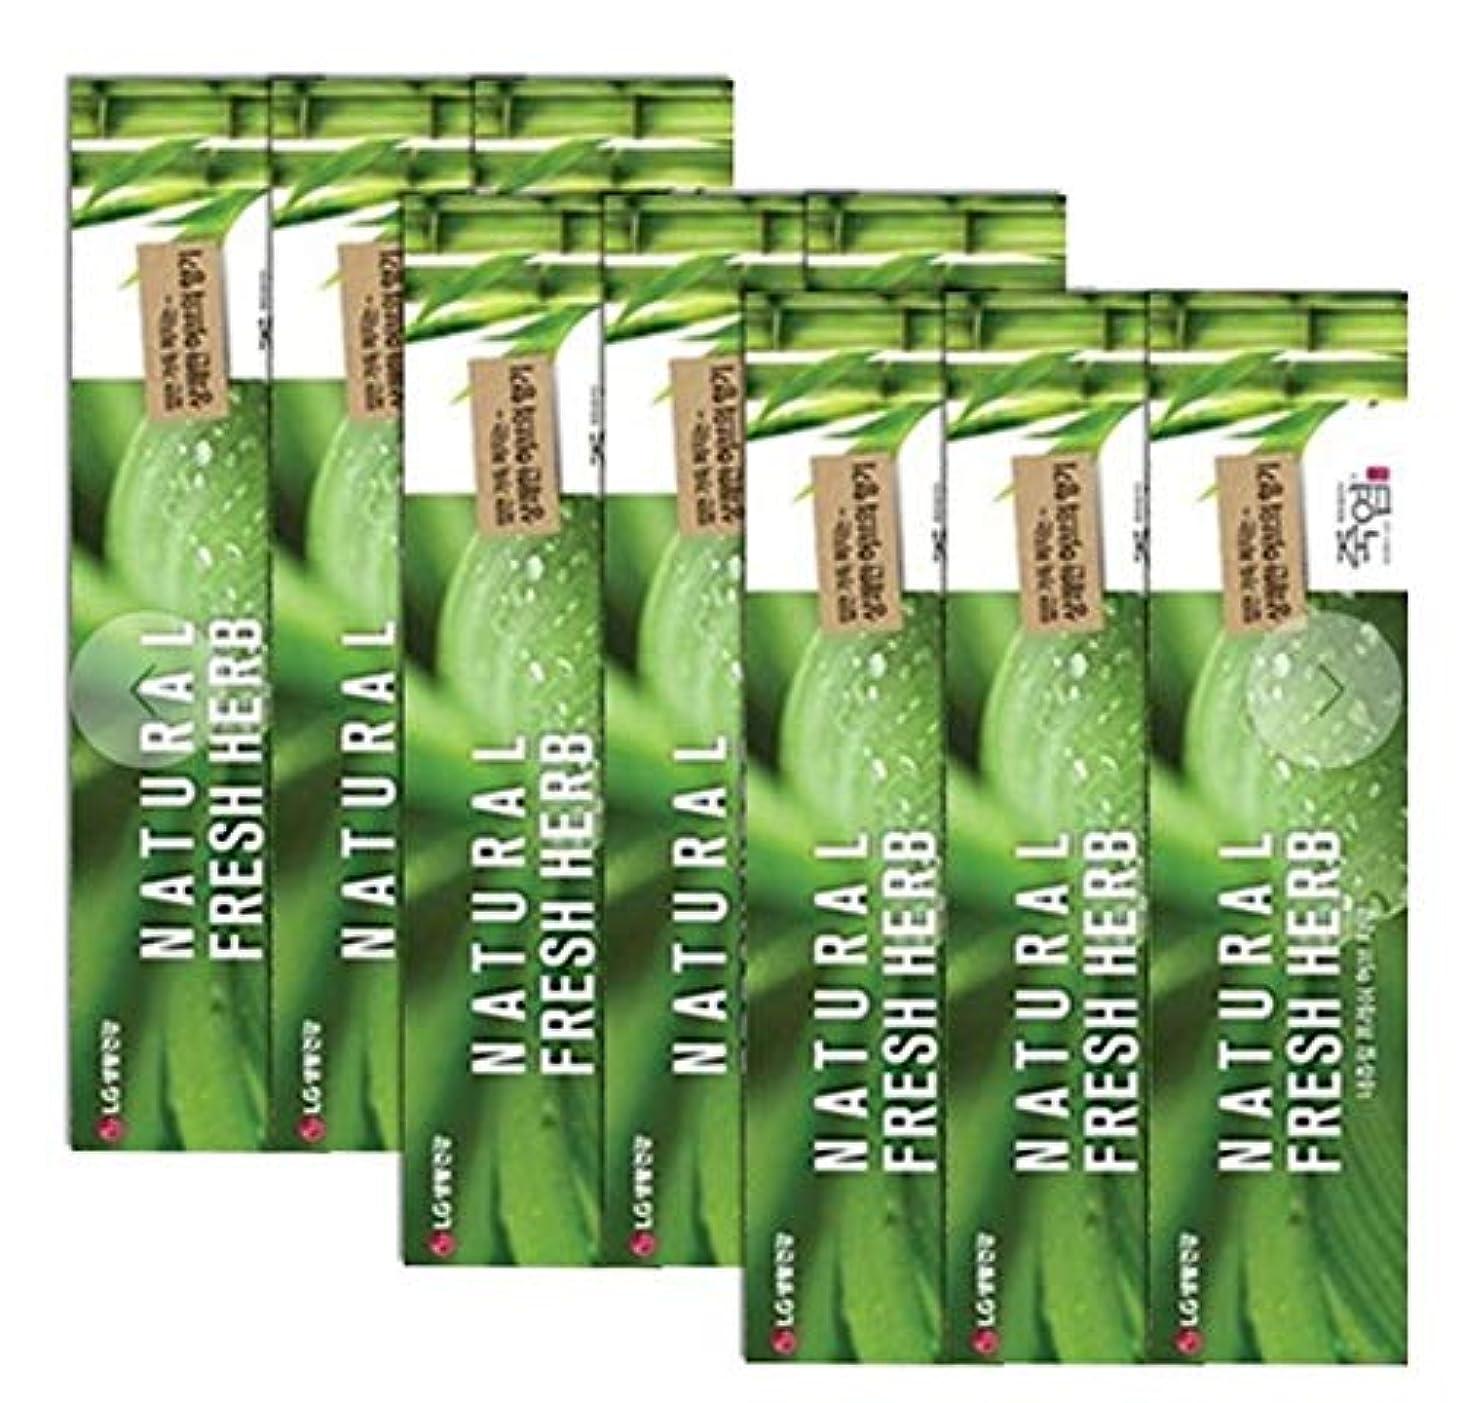 満たすハードウェア国家[LG生活と健康] LG竹塩Natural Freshナチュラルフレッシュハブ歯磨き粉160g*9つの(海外直送品)